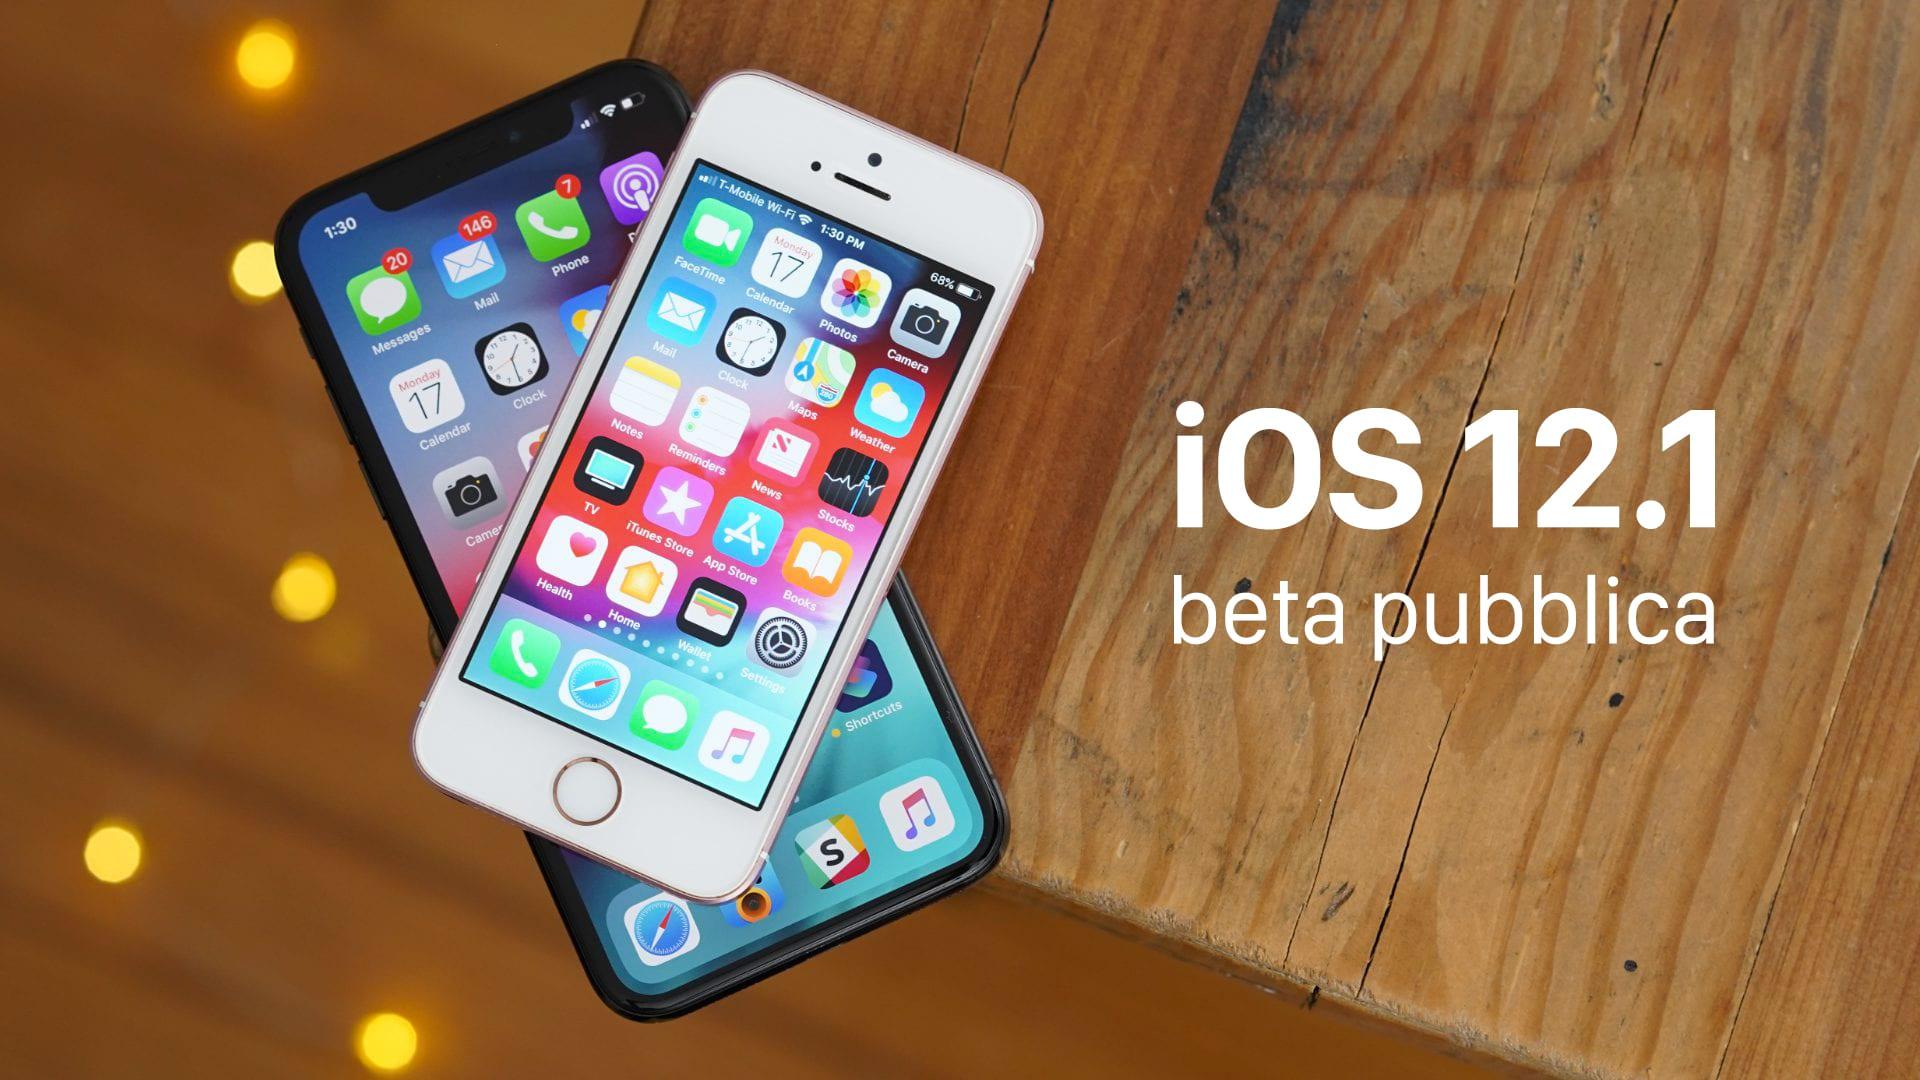 Disponibile la prima beta pubblica di iOS 12.1